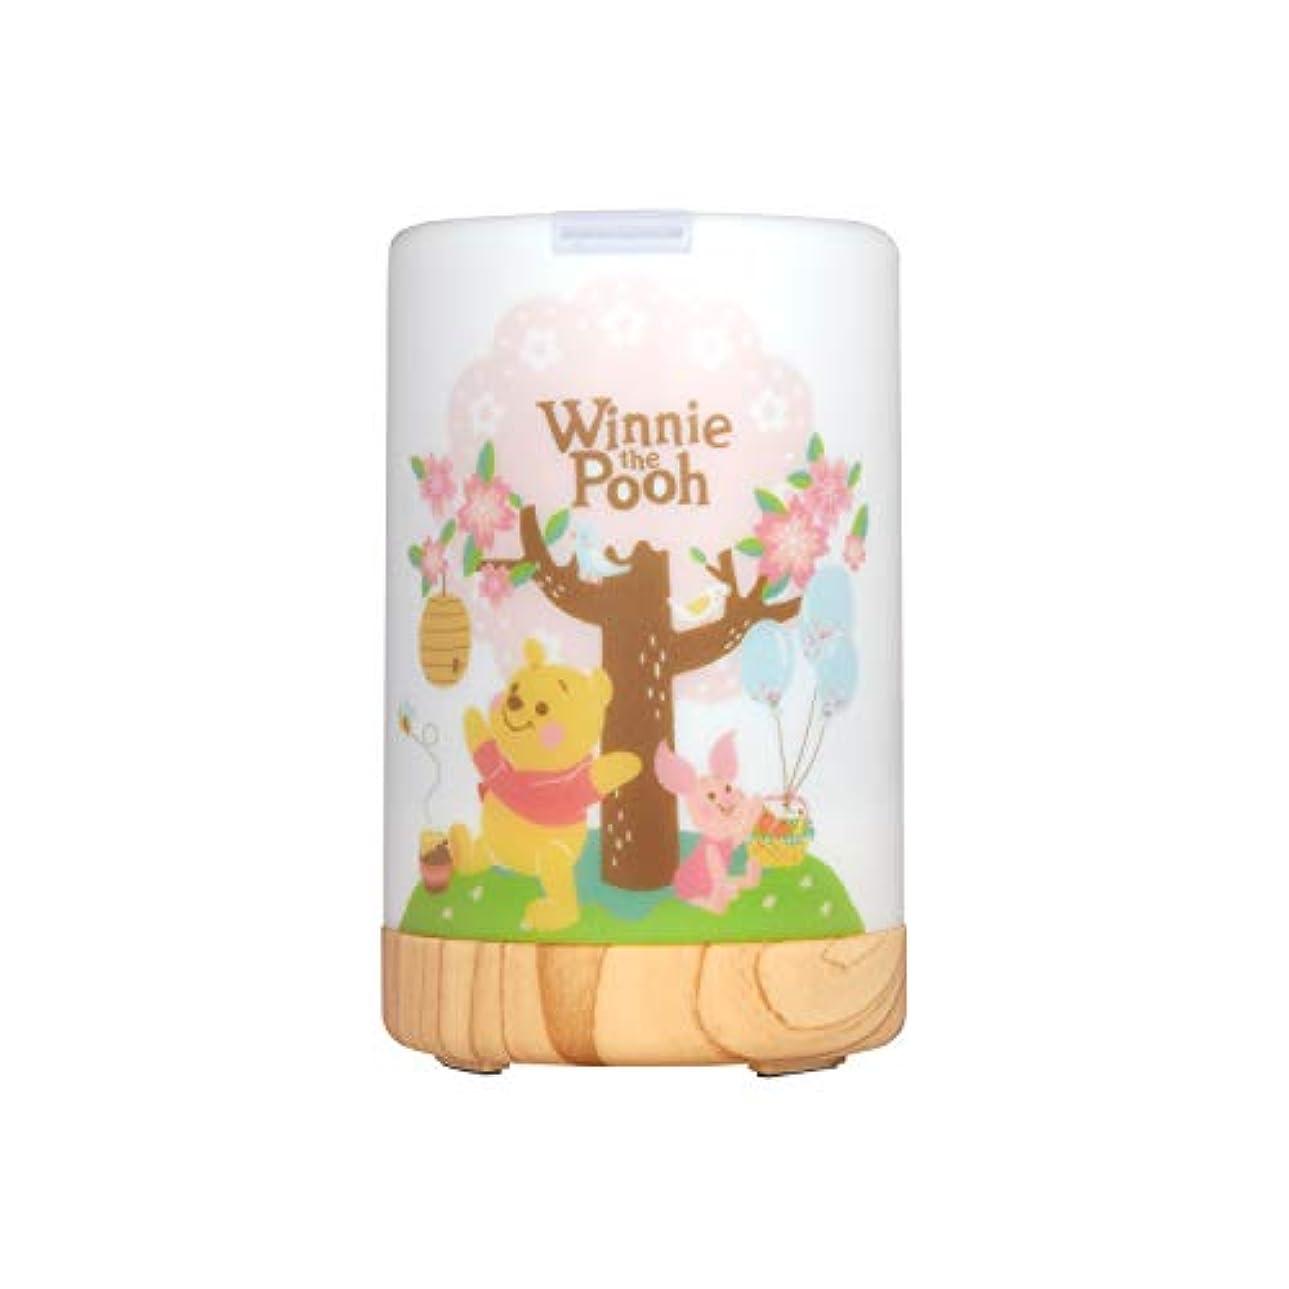 落ち着いた聖域約束するInfoThink アロマディフューザー Disney Winnie the Pooh 間接照明 くまのプーさん [並行輸入品]